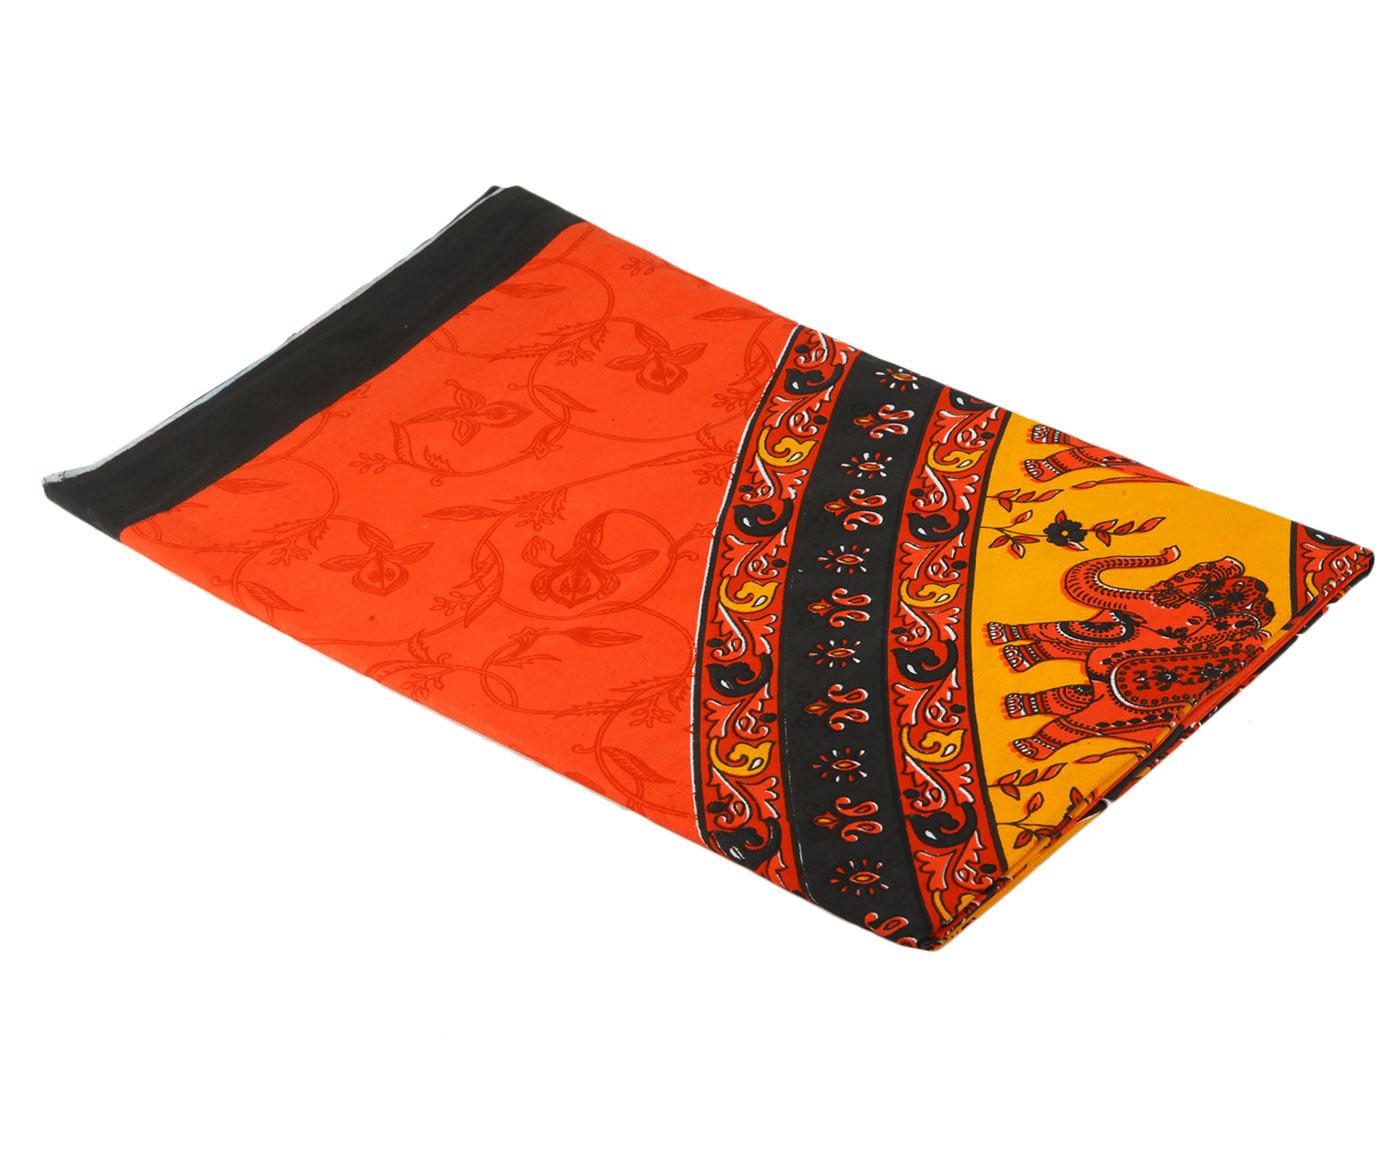 Покрывало Ethnic Chic Покрывало Слон Цвет: Оранжевый, Красный (225х250 см) фоторамки ethnic chic фоторамка